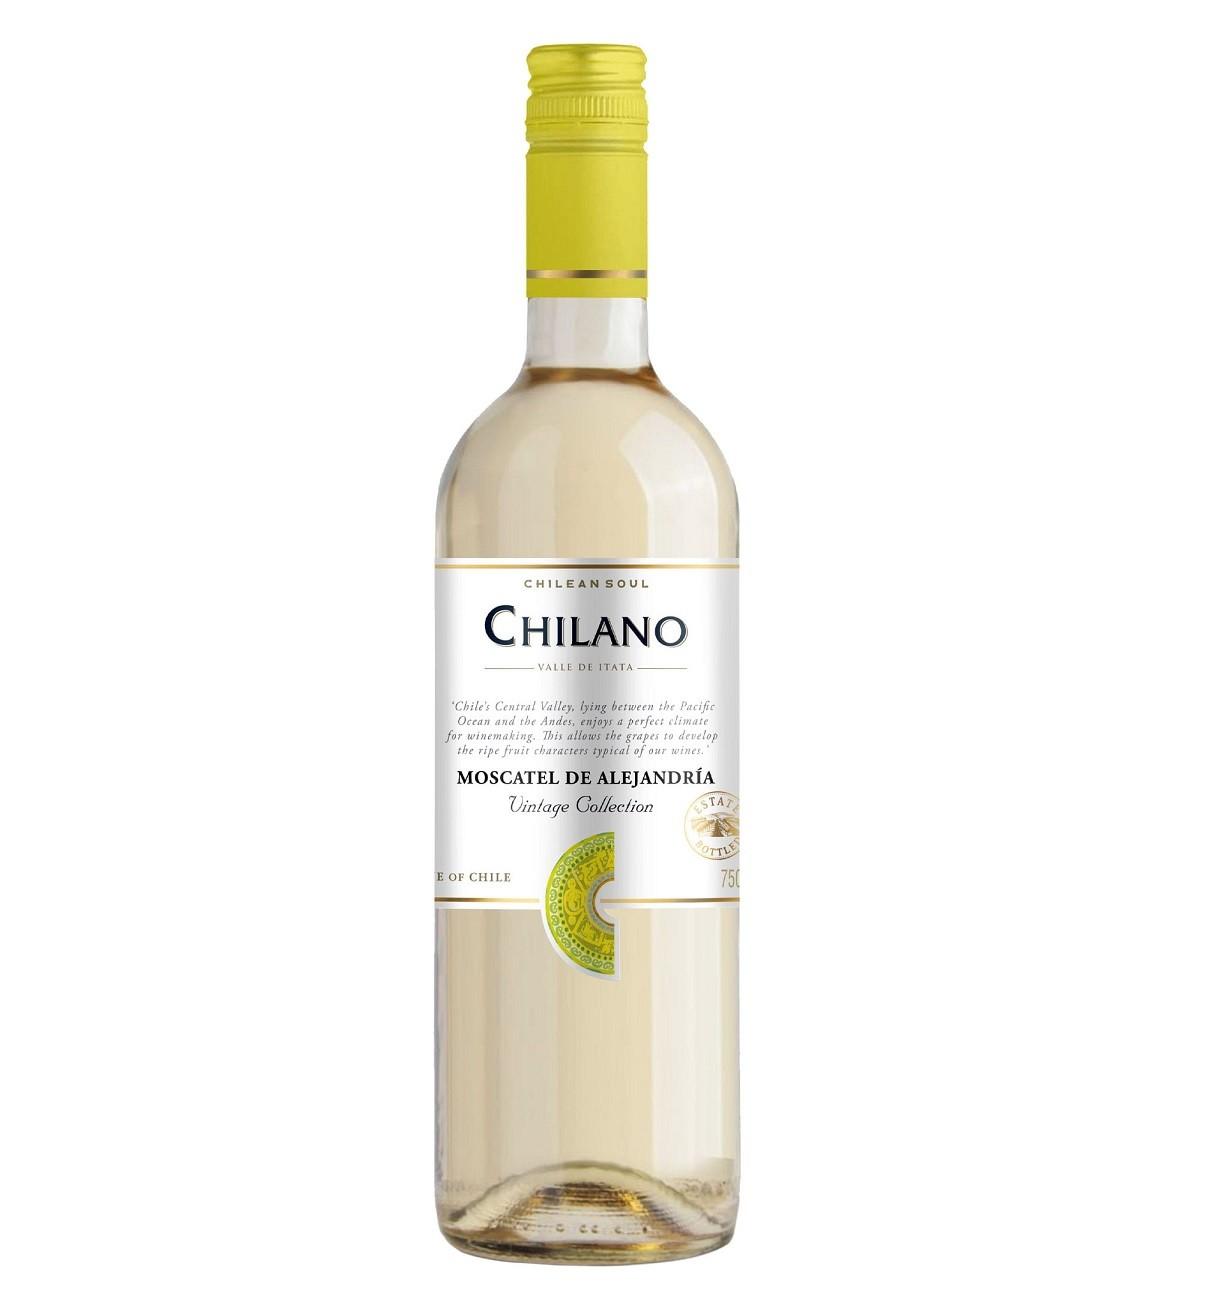 VINHO CHIL. CHILANO BCO. SAUVIGNON BLANC 750ML